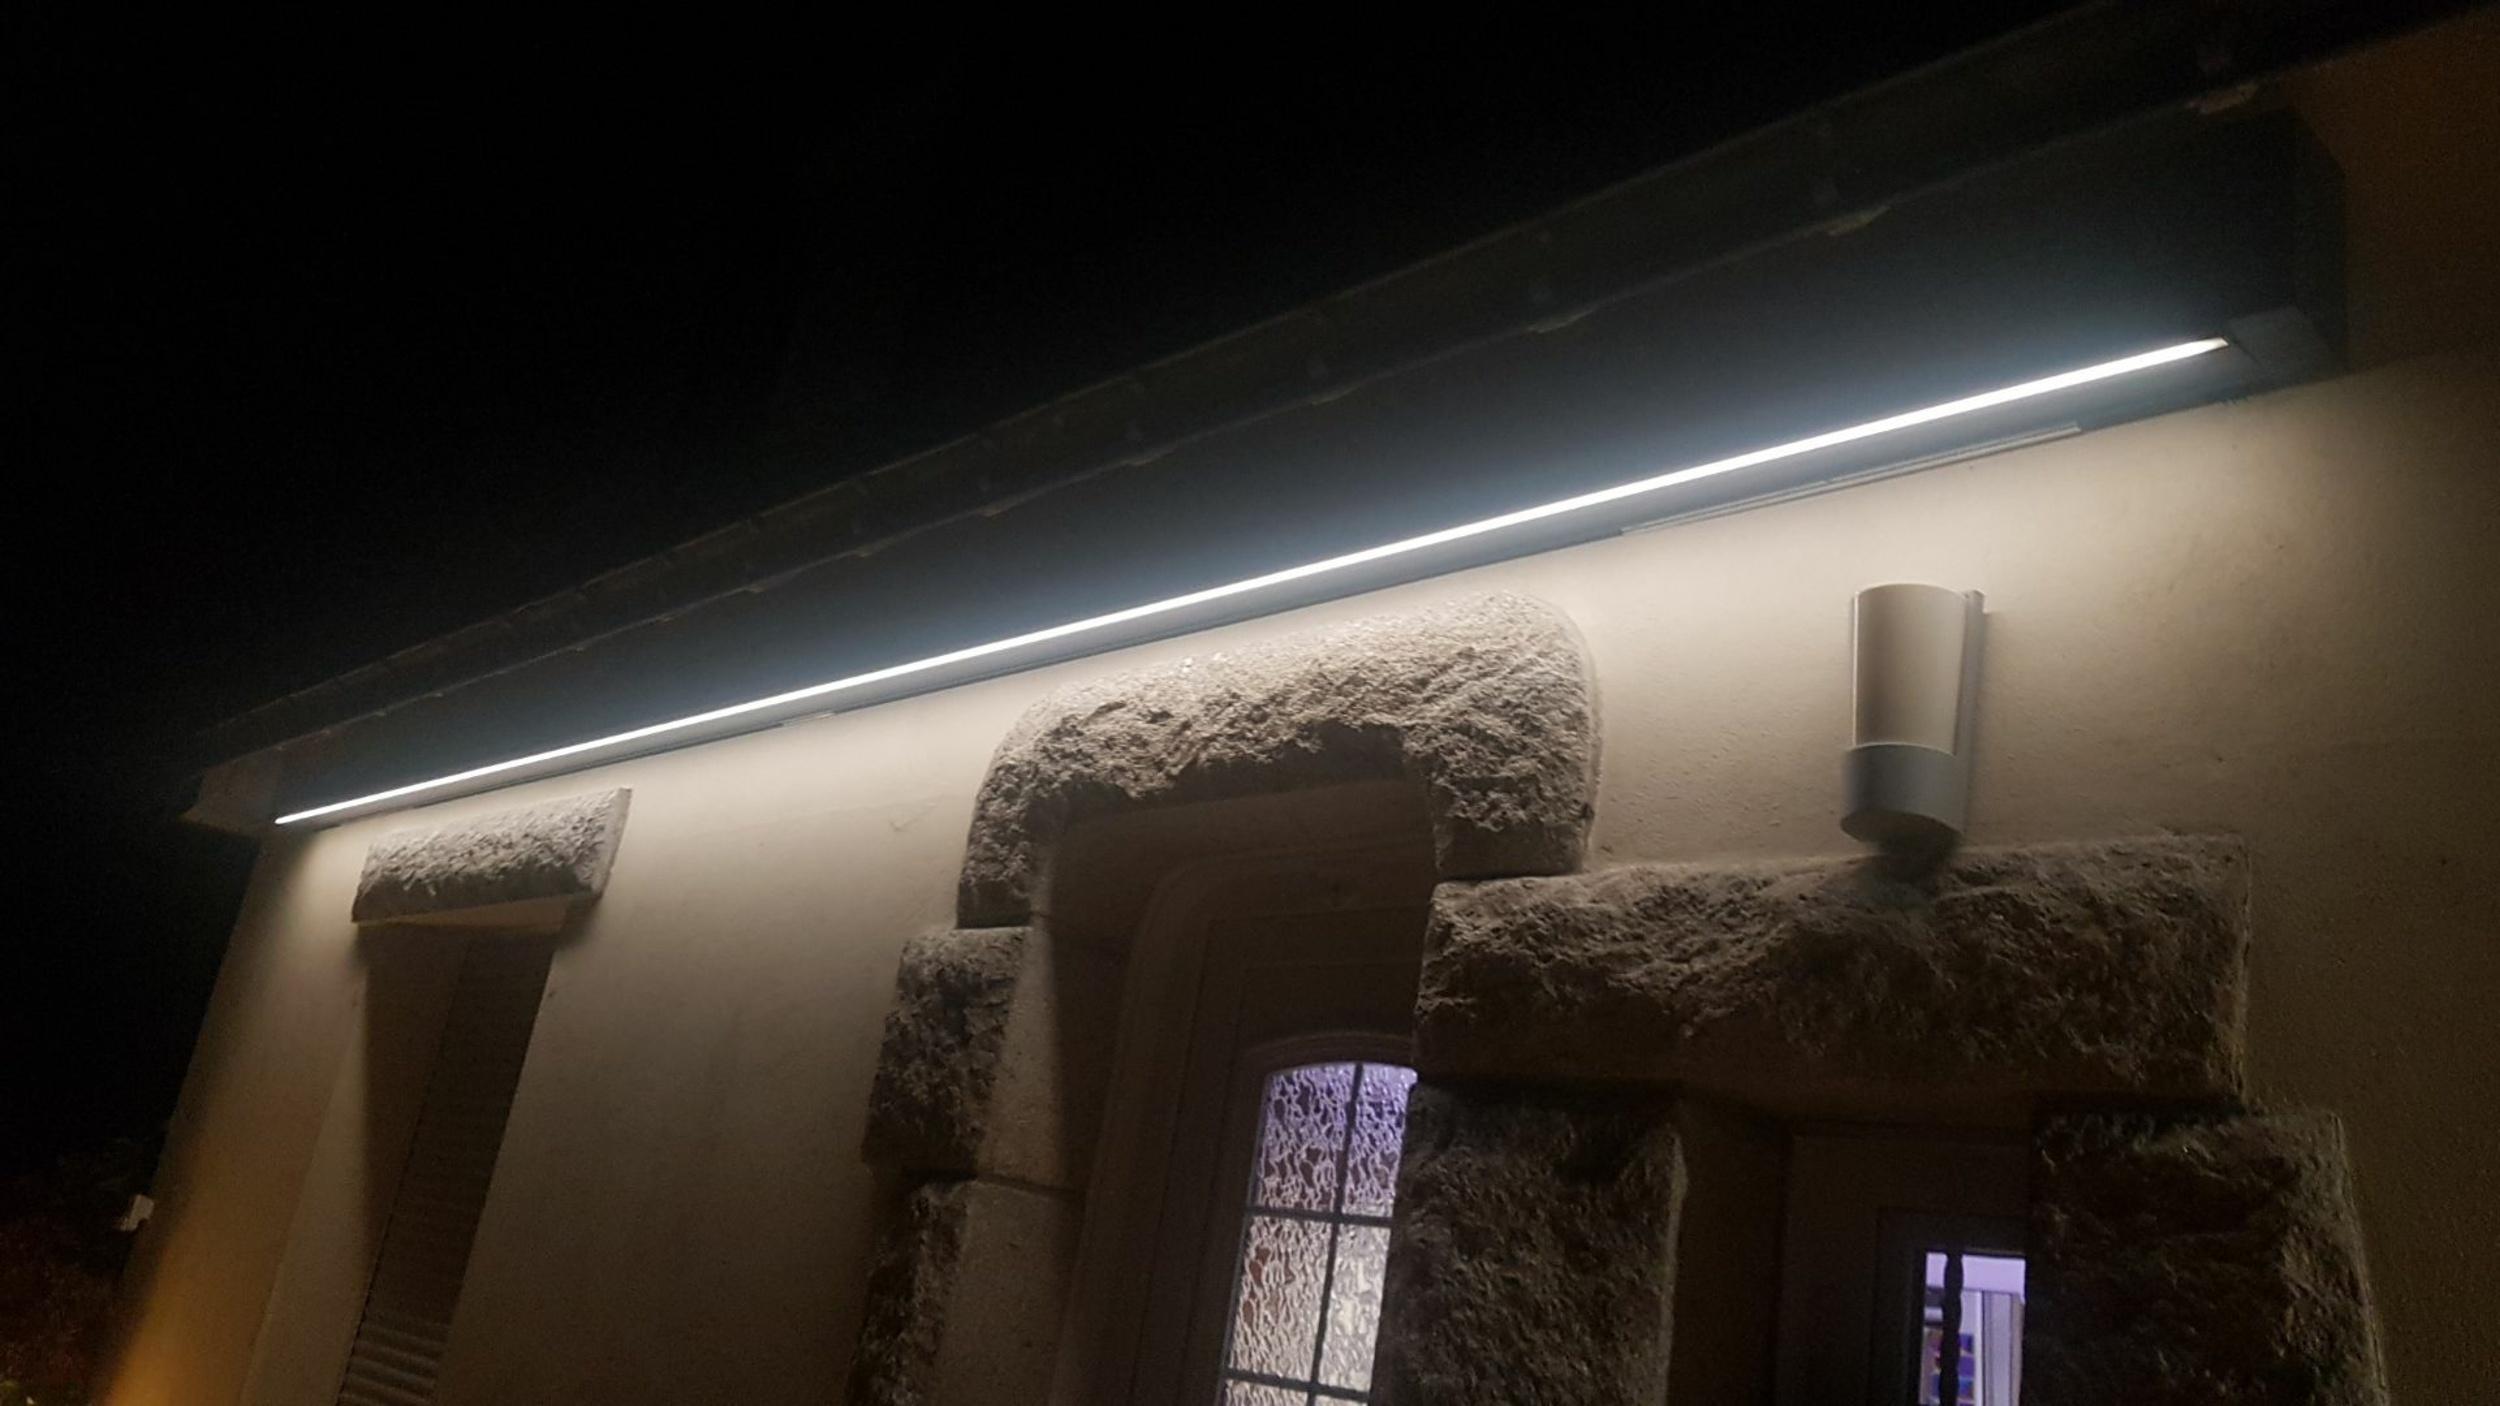 Store banne avec bras à LED